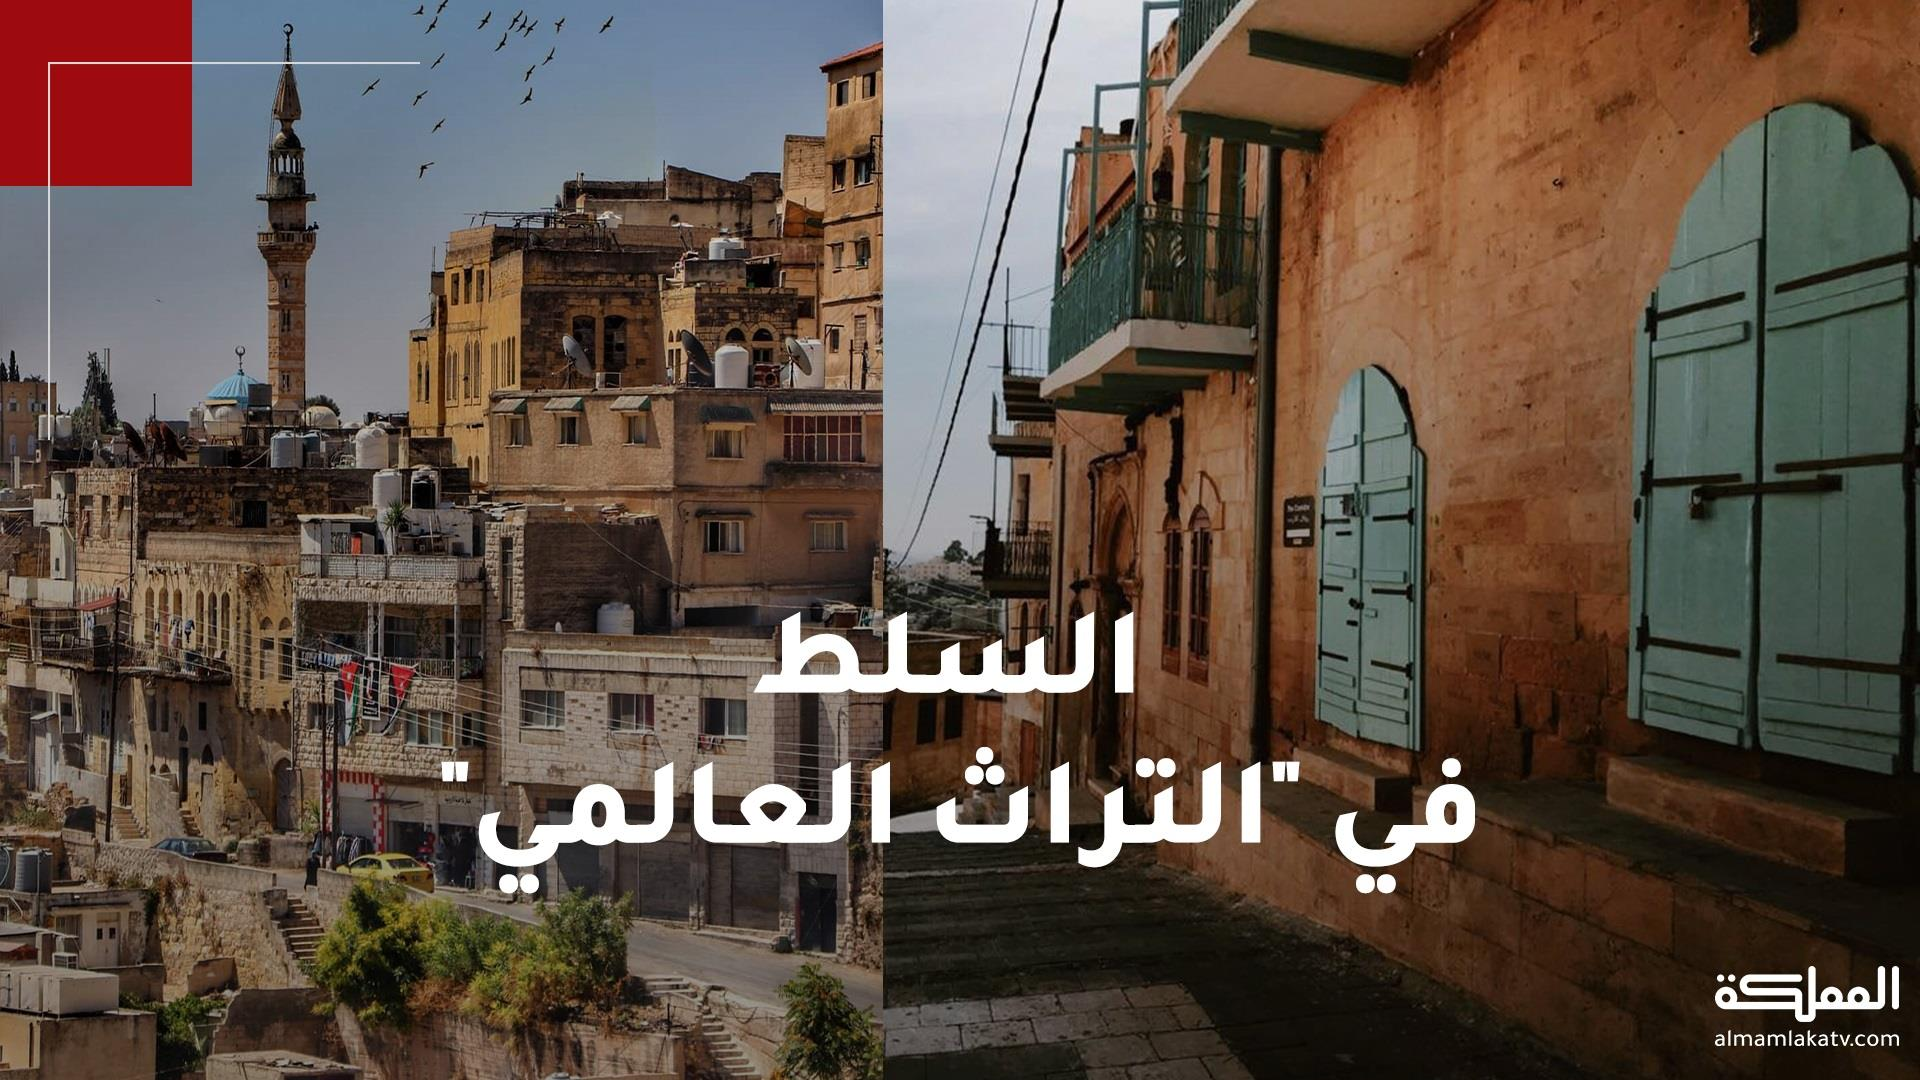 الأردن يعزز مكانته في قائمة التراث العالمي بدخول مدينة السلط فيها